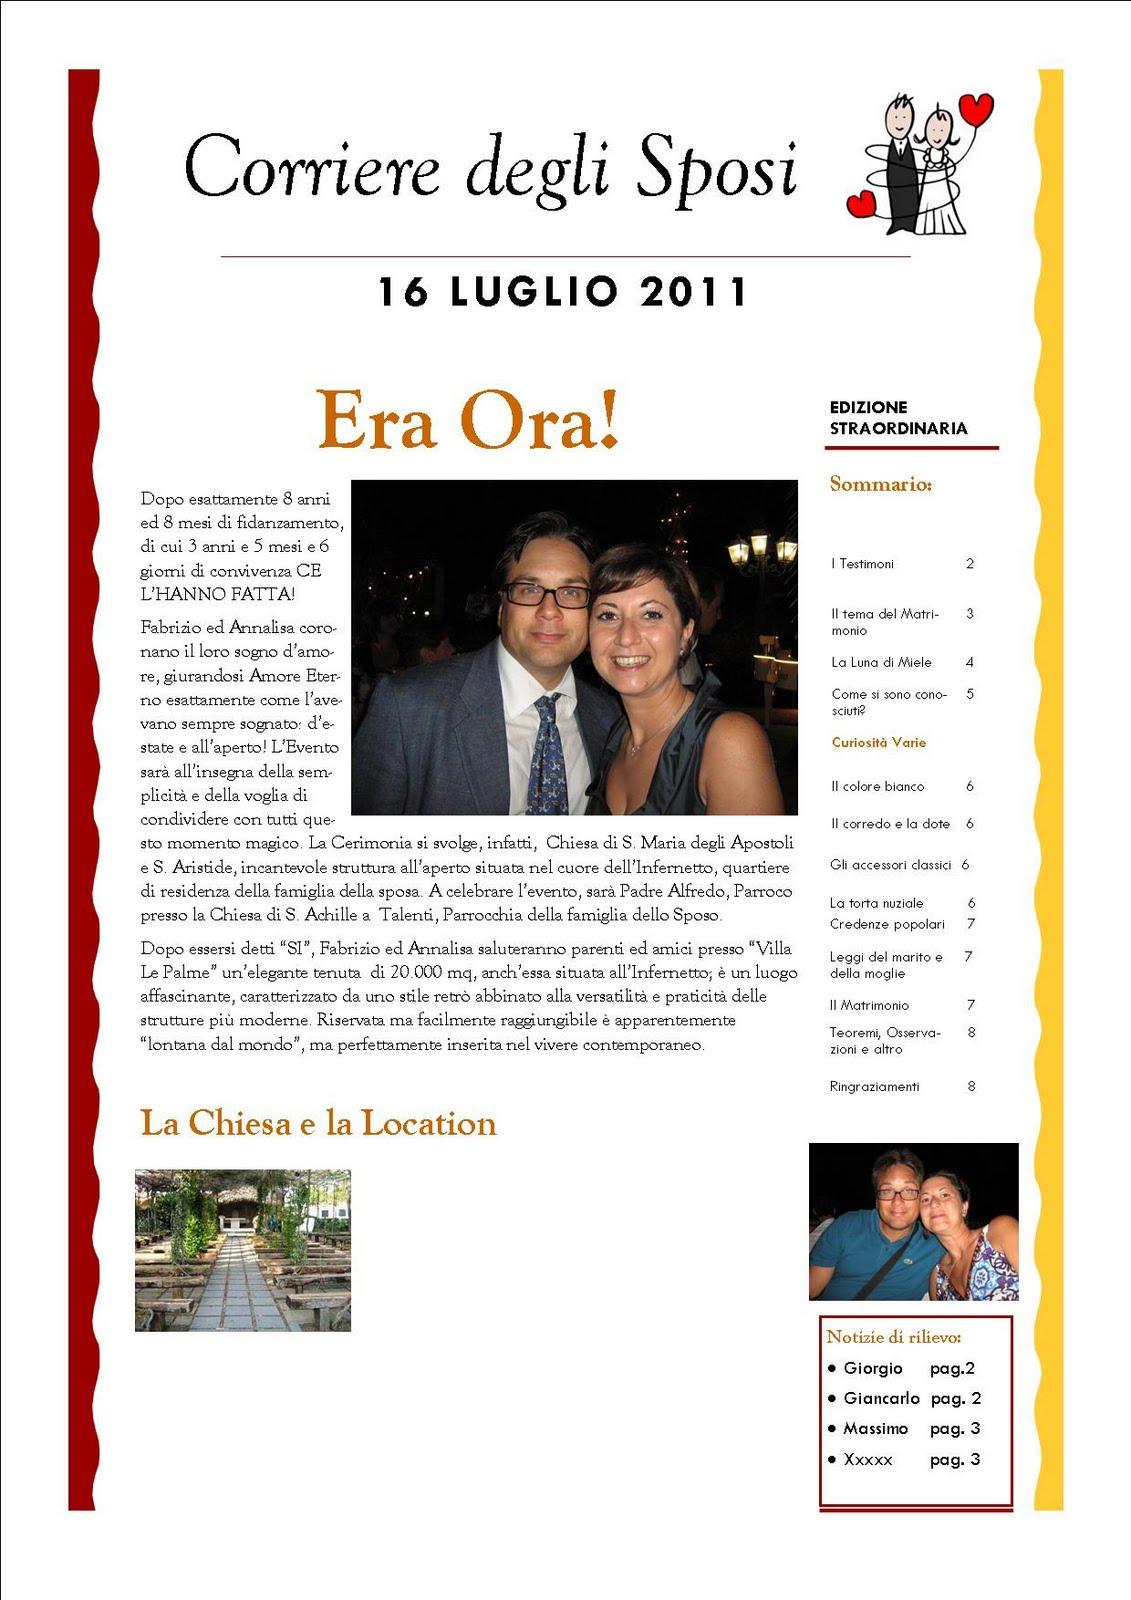 Creando e preparando giornale degli sposi for Degli sposi